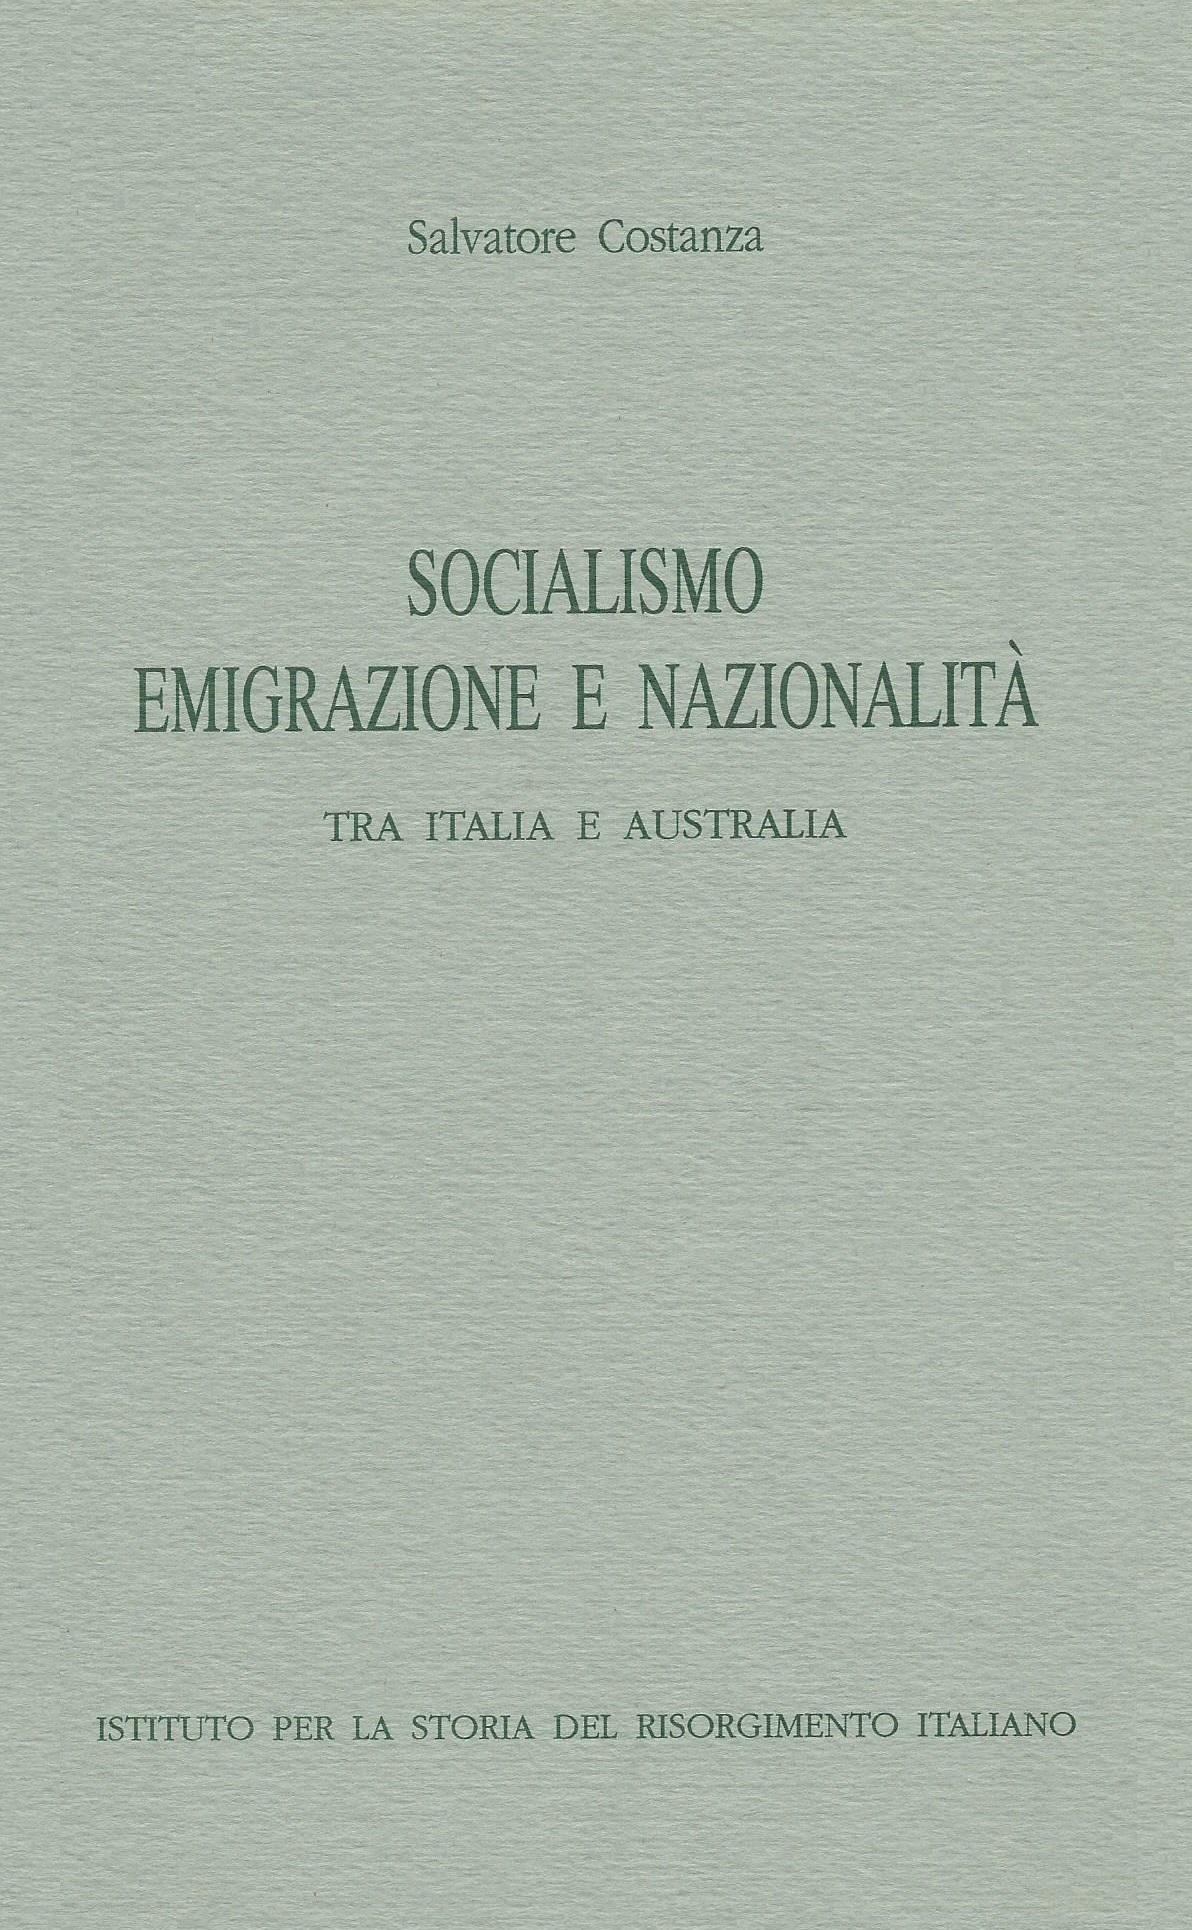 Socialismo, emigrazione e nazionalità